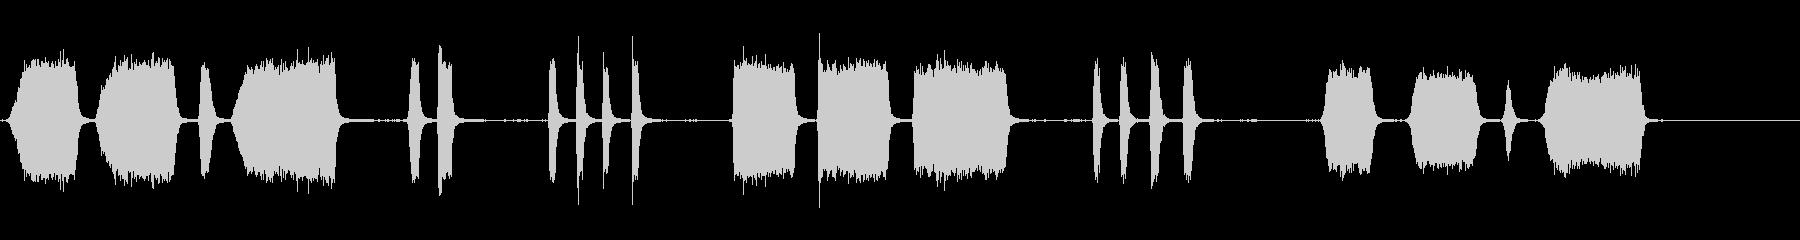 エアホイッスルアンティーク5をトレ...の未再生の波形